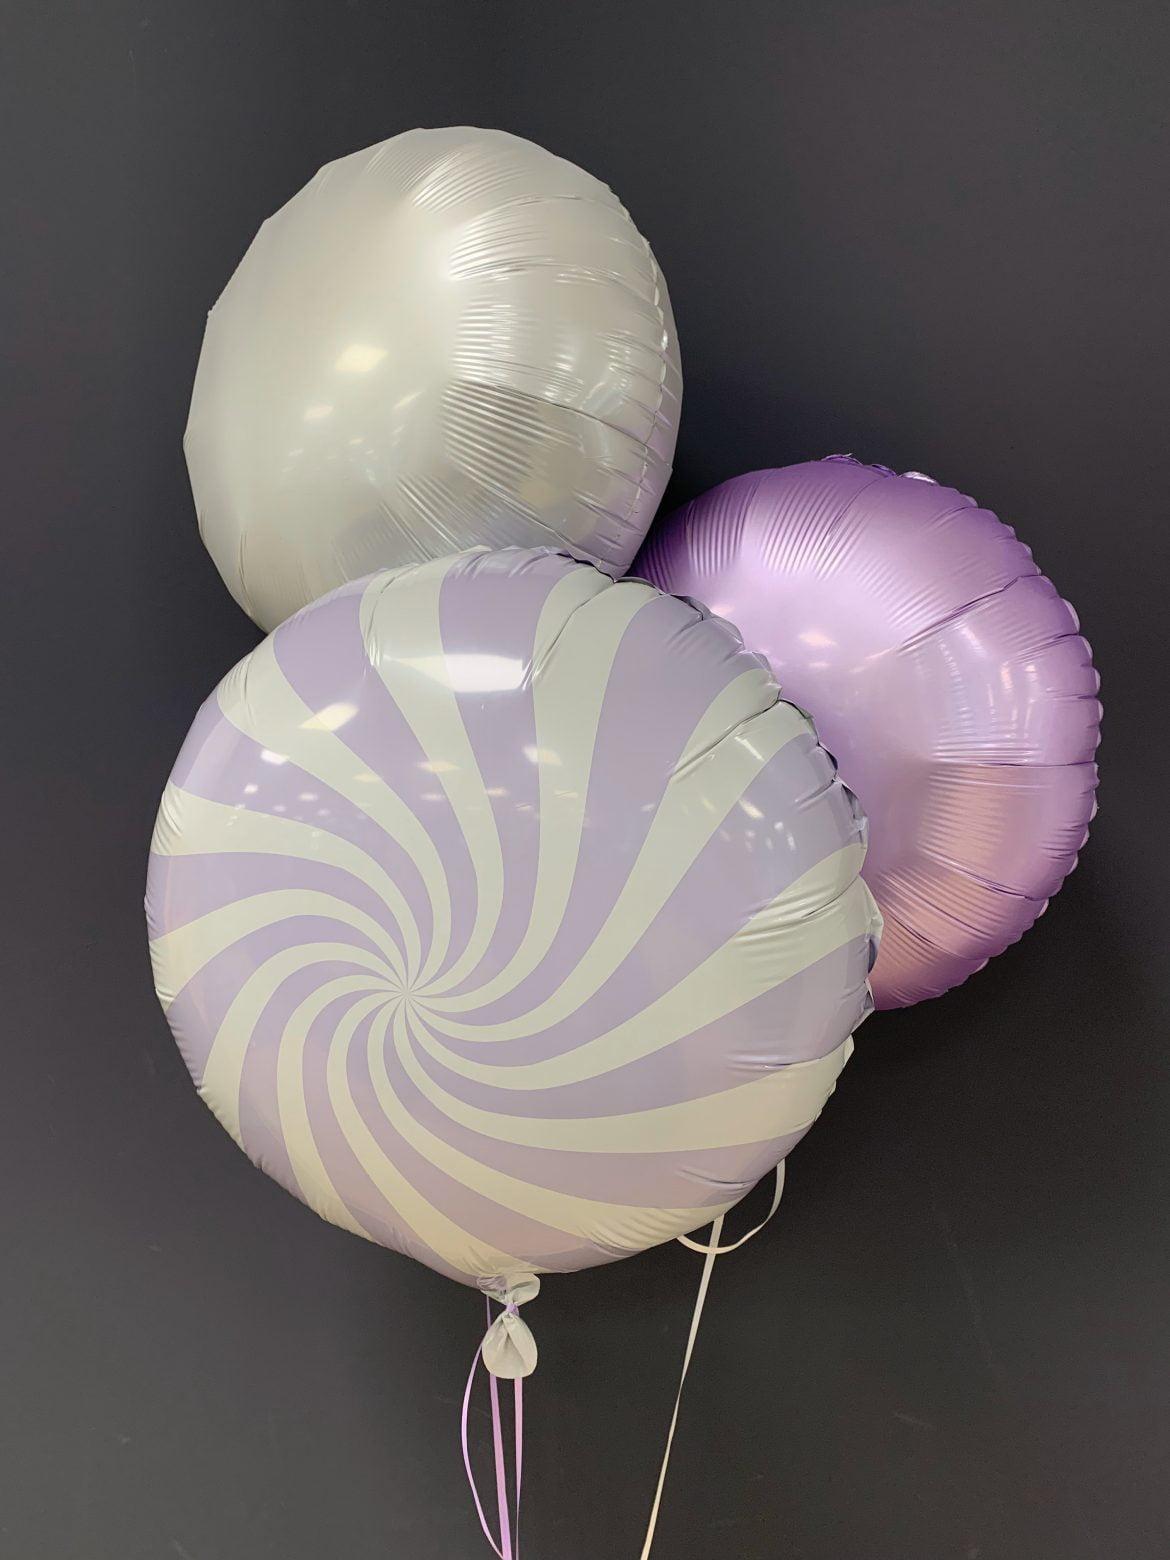 Heliumballons zur Dekoration